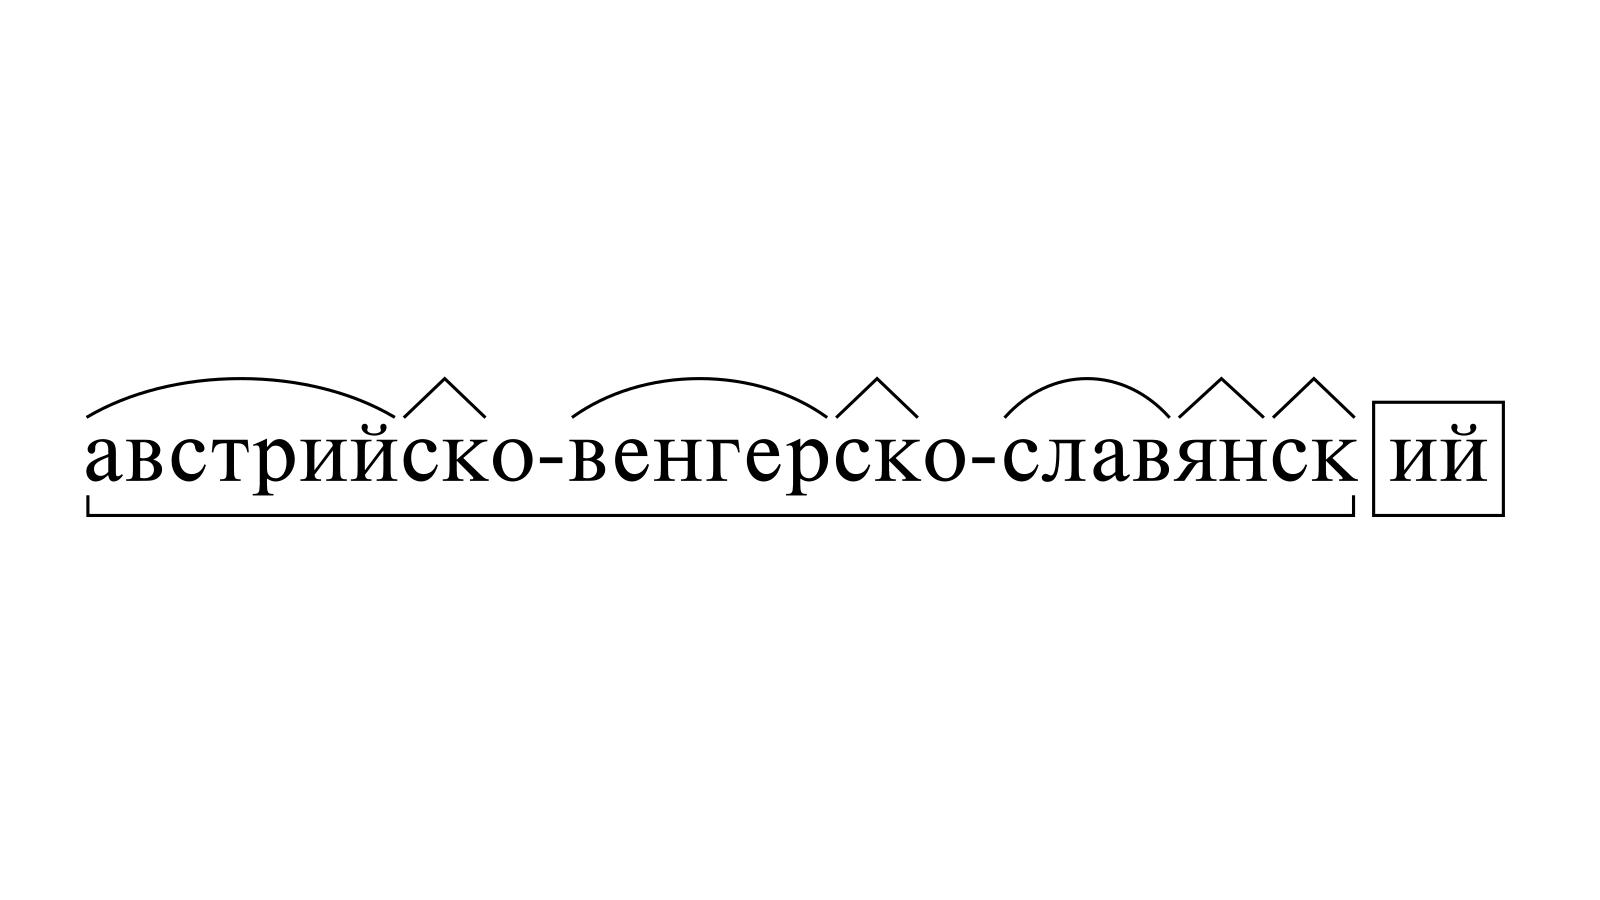 Разбор слова «австрийско-венгерско-славянский» по составу